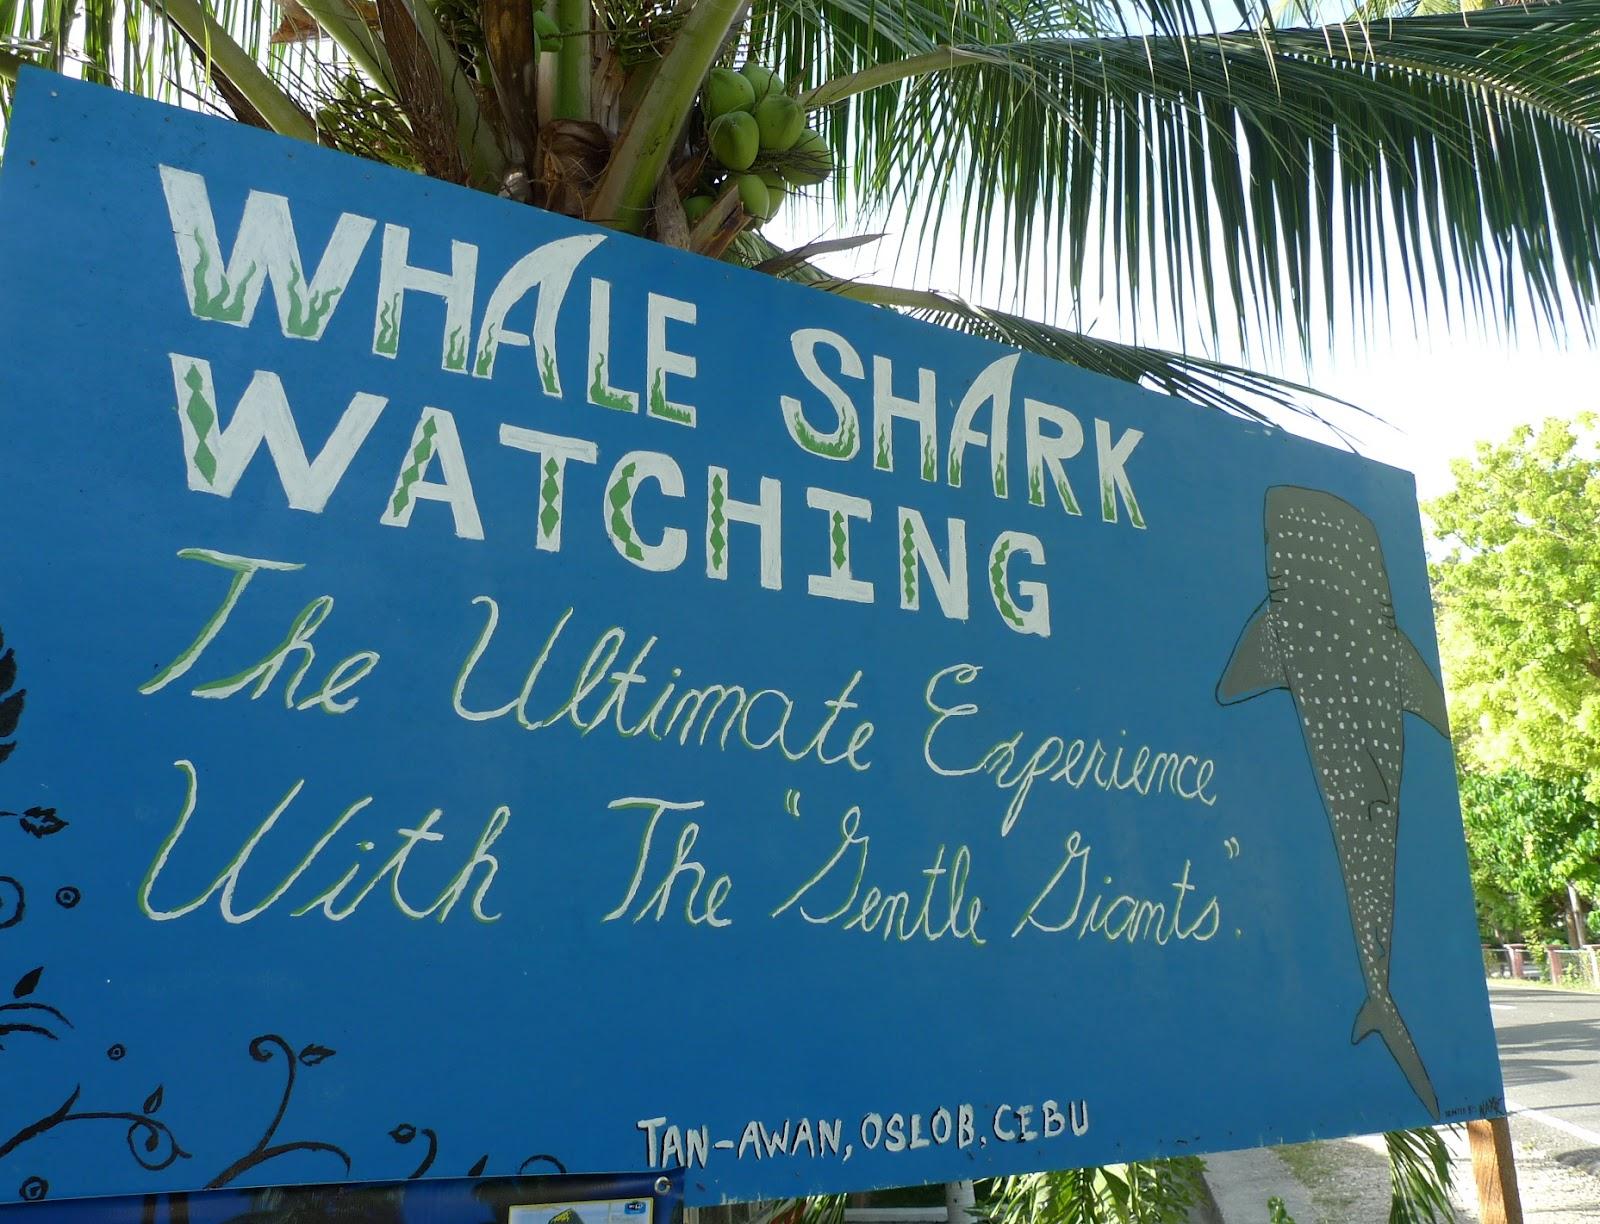 nikki s nurturance whale shark watching in oslob